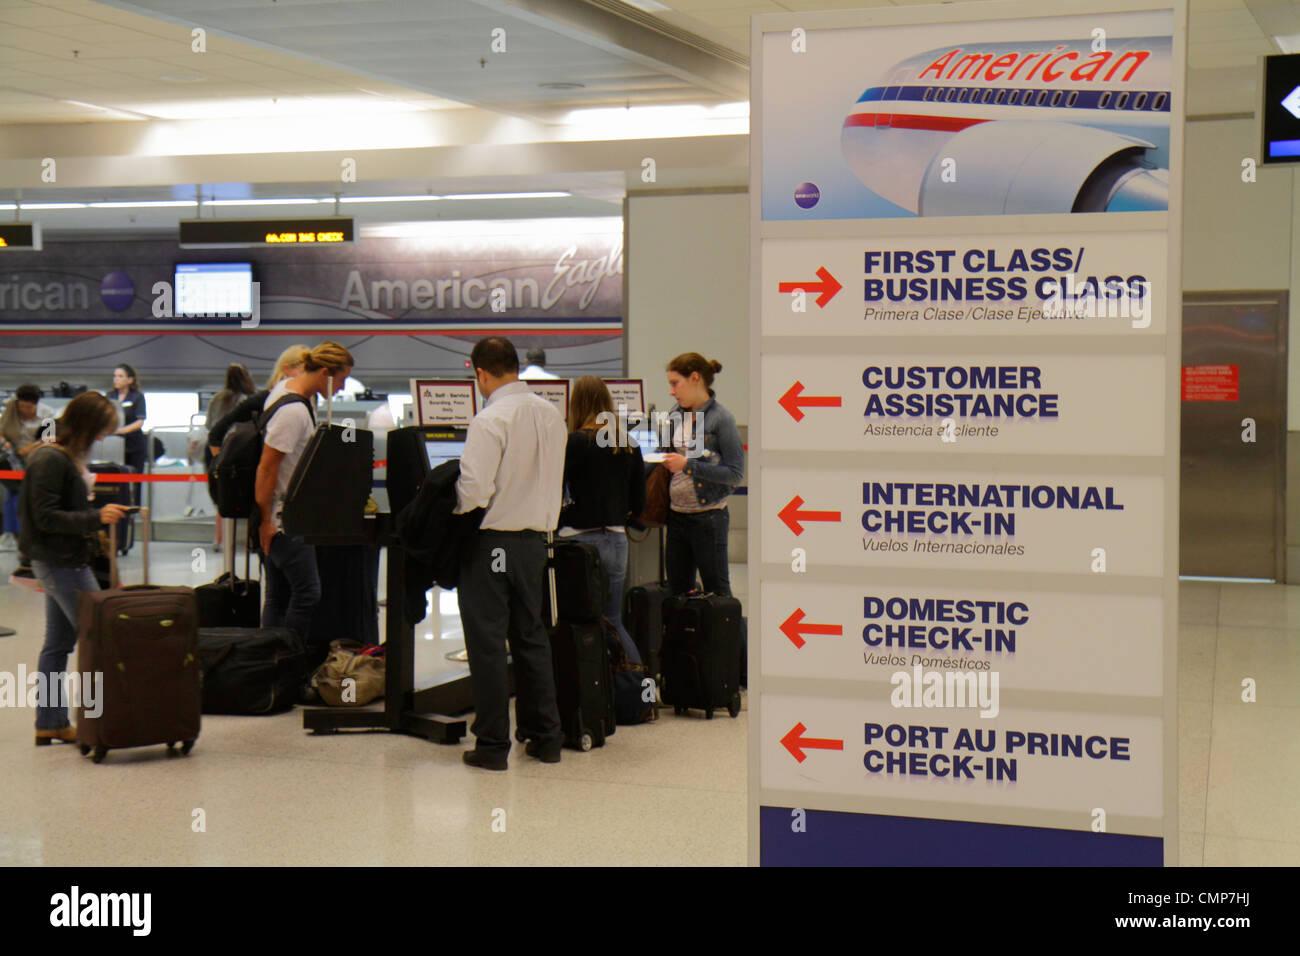 miami florida international airport mia terminal american